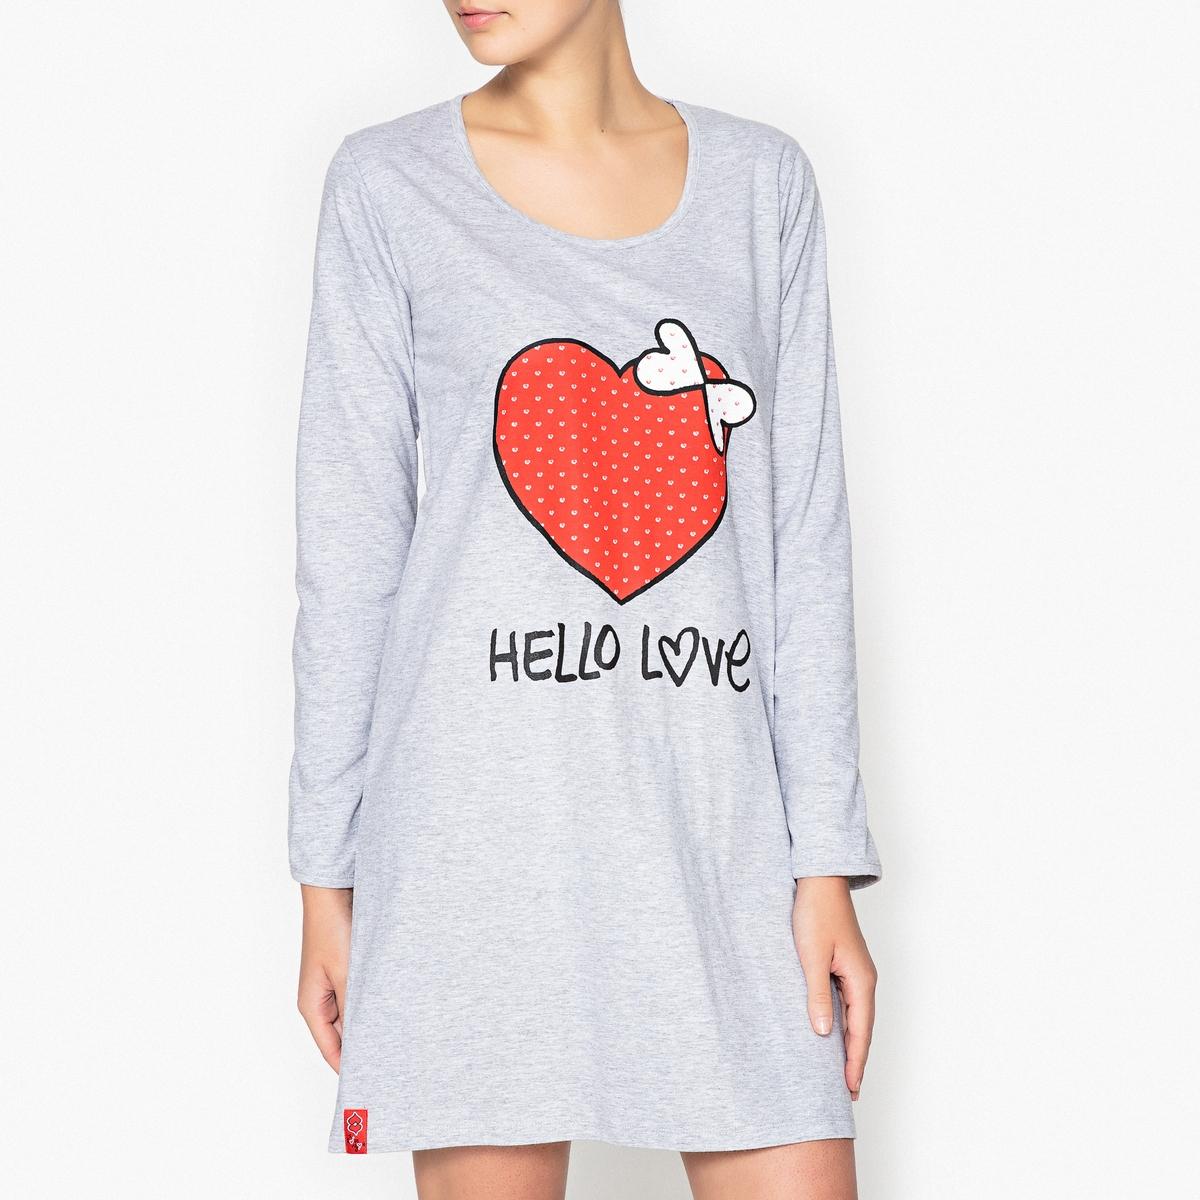 Ночная рубашка с принтом, LoveliesРисунок в виде большого сердца.. в этой ночной рубашке Lovelies, вы будете окружены любовью !Состав и описаниеНочная рубашка с принтом с длинными рукавами  . Круглый вырез. Материал :  55% хлопка, 45% полиэстераМарка : LoveliesУход: :Машинная стирка при 30 °С на деликатном режиме с вещами схожих цветов.Стирать и гладить при низкой температуре с изнаночной стороны.Машинная сушка запрещена.<br><br>Цвет: серый<br>Размер: XL.S